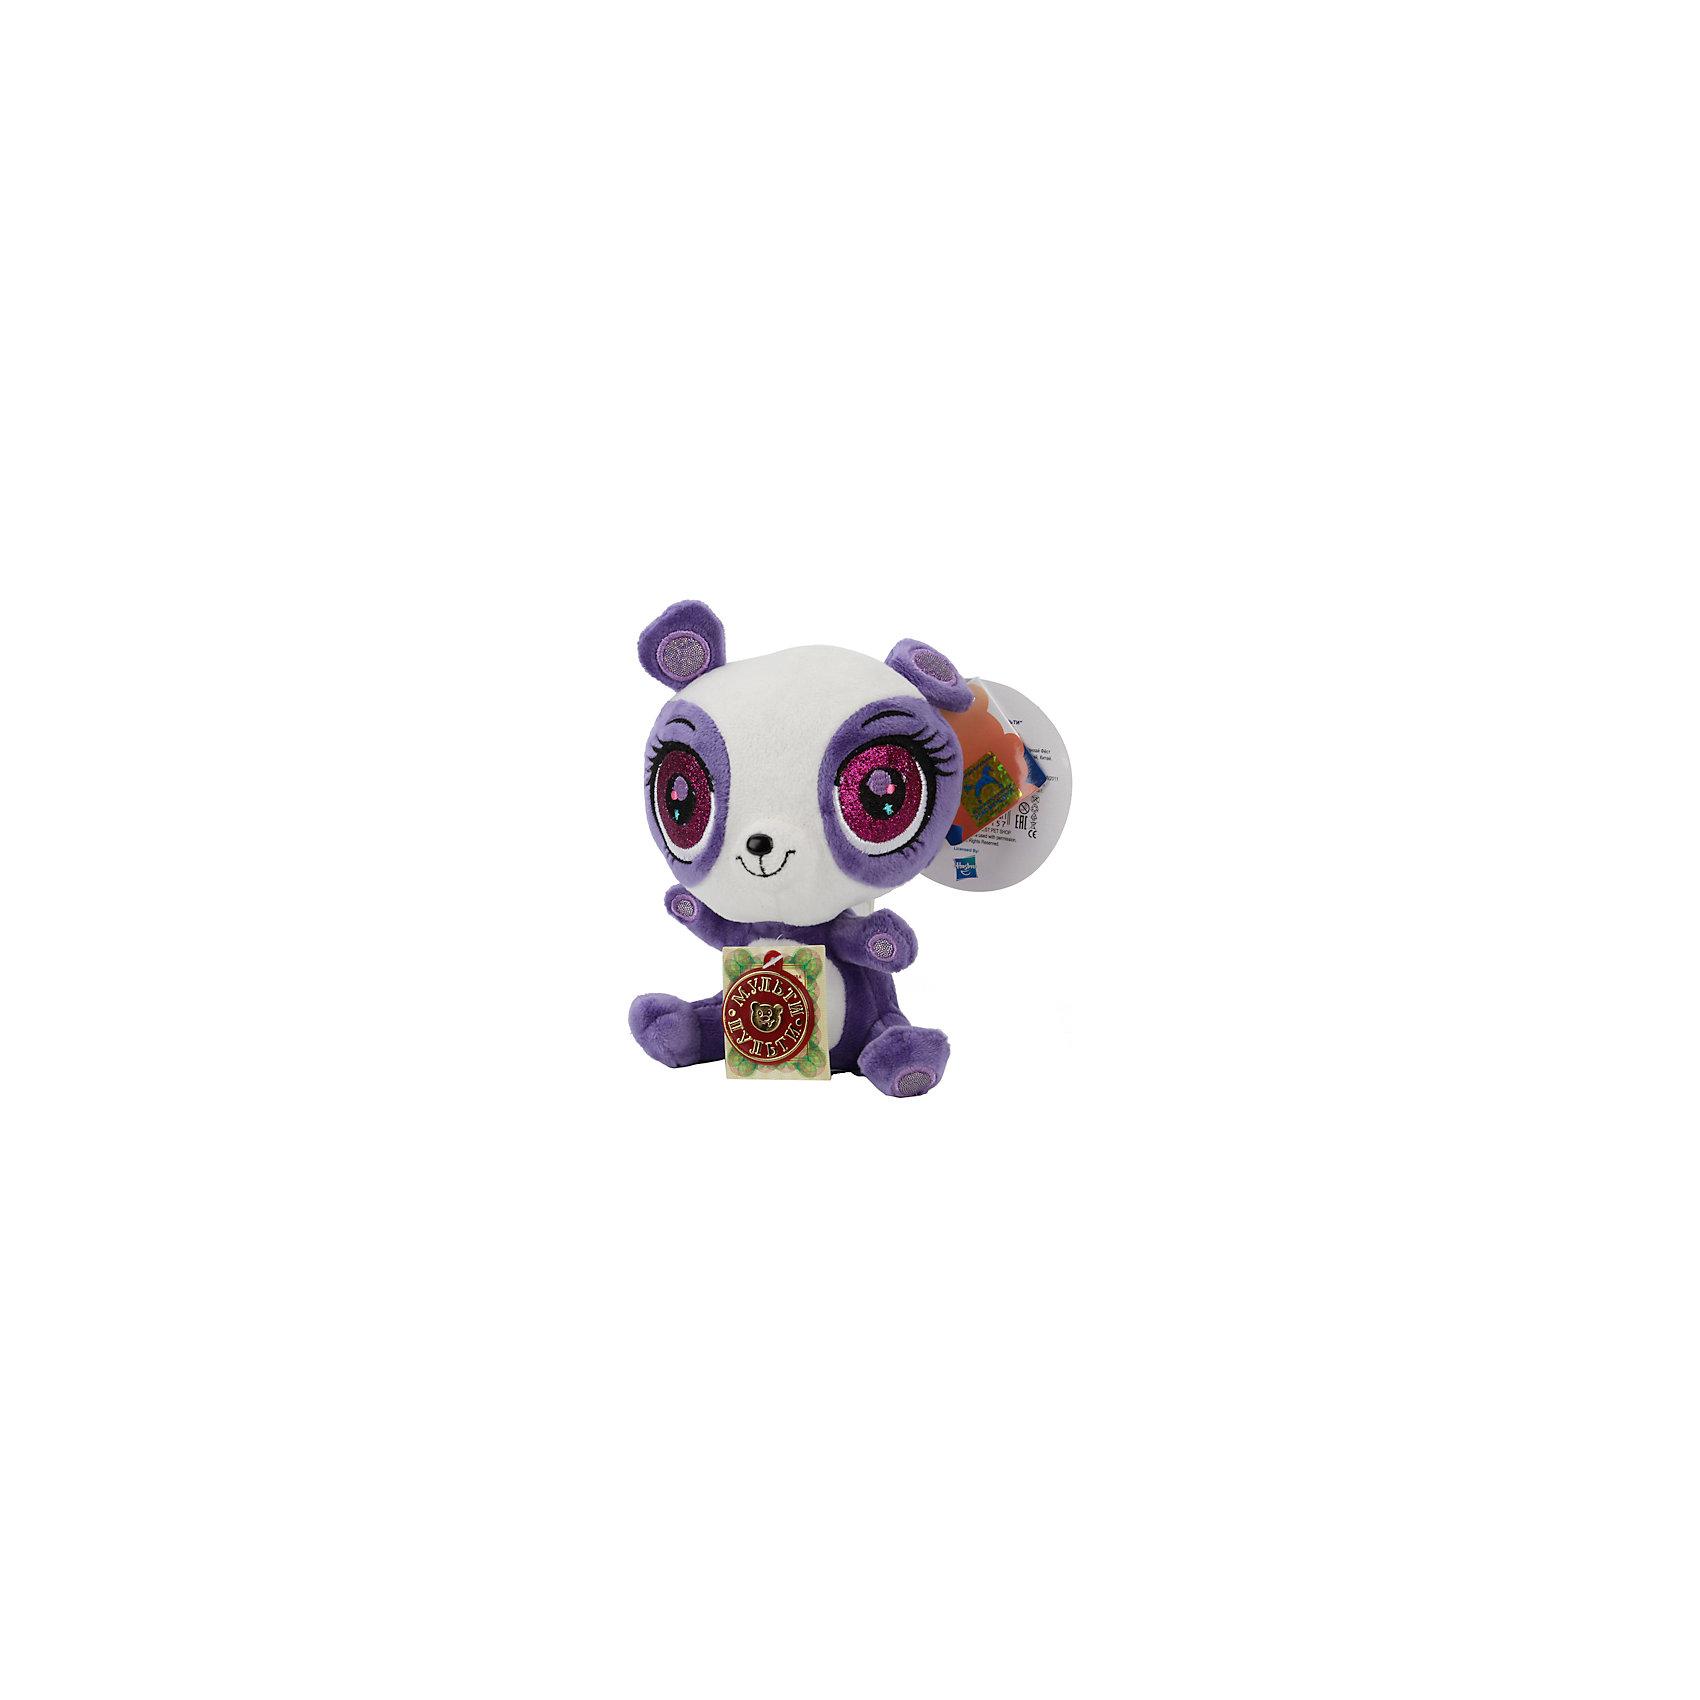 МУЛЬТИ-ПУЛЬТИ Мягкая игрушка Панда, Littlest Pet Shop, МУЛЬТИ-ПУЛЬТИ мульти пульти мягкая игрушка серый мышонок 23 см со звуком кот леопольд мульти пульти